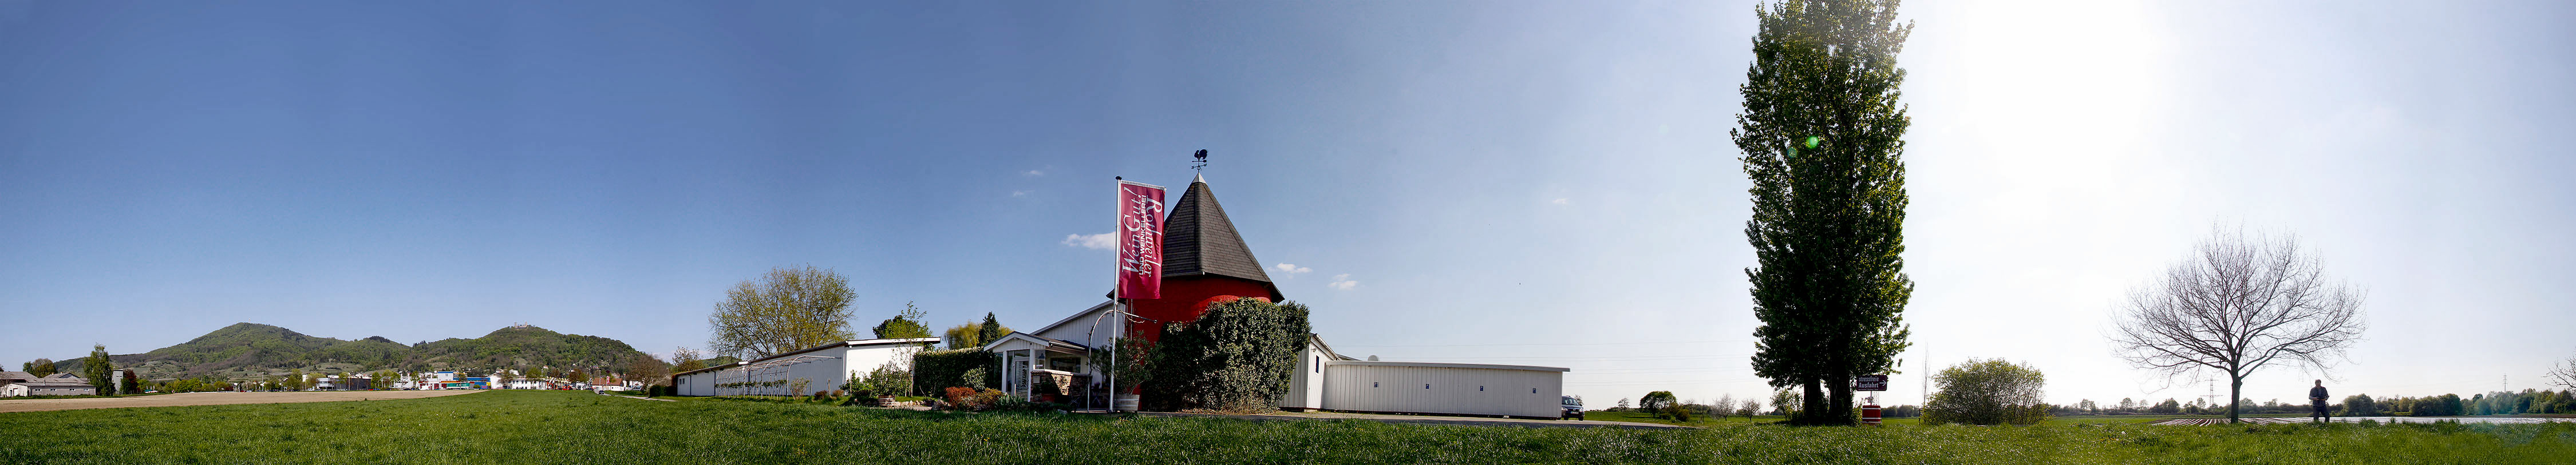 Weingut Rothweiler in Bensheim-Auerbach mit dem roten Turm